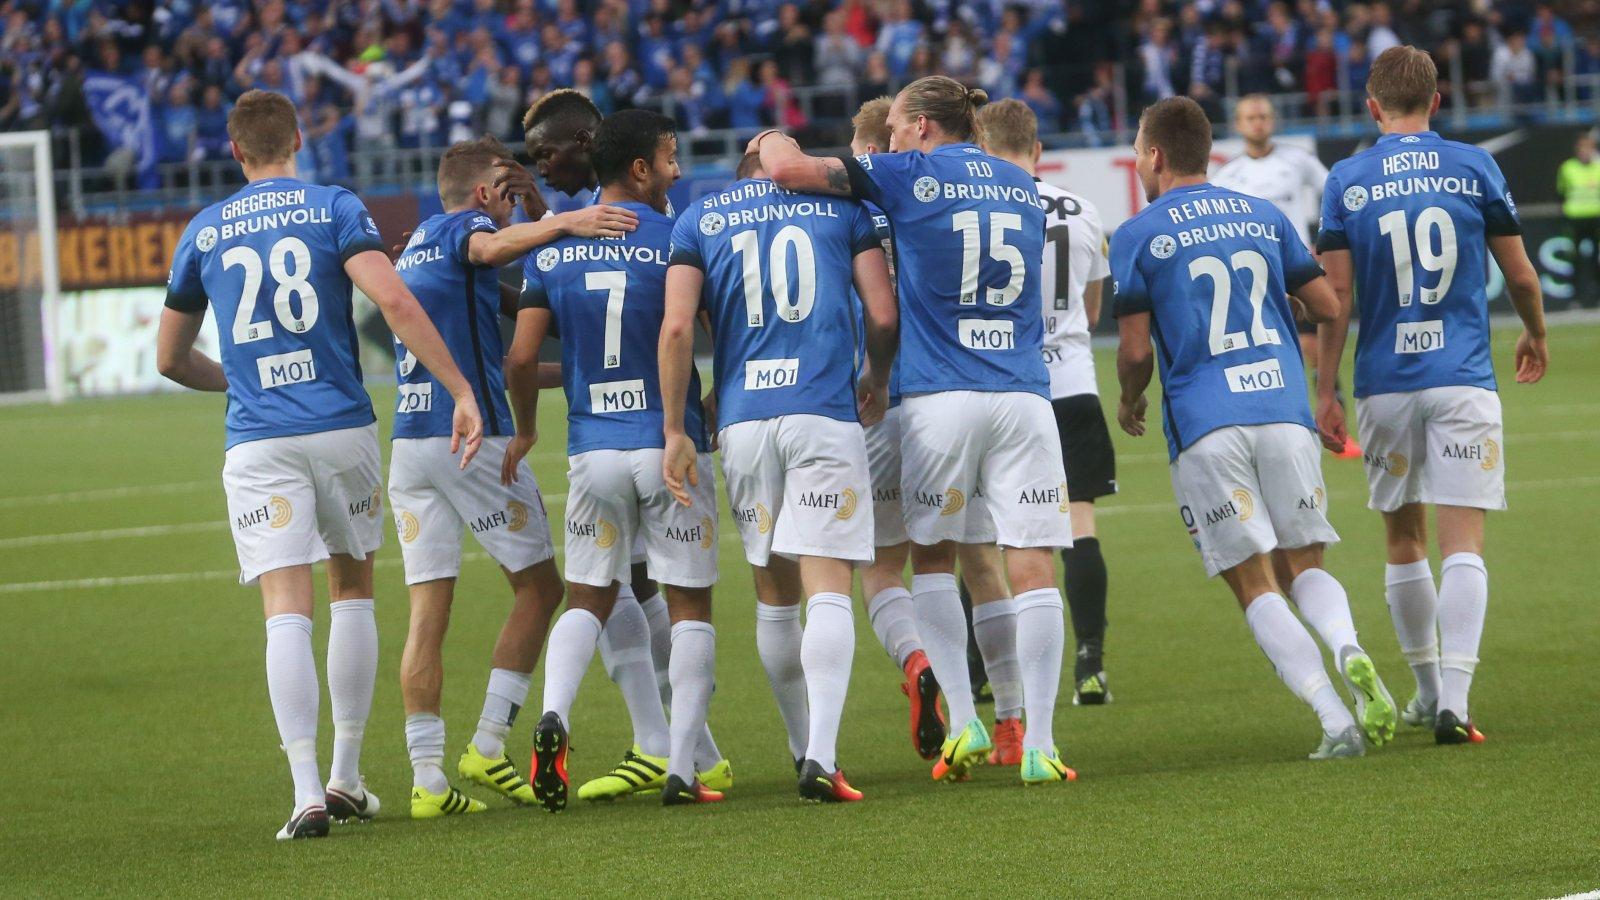 Ponturi fotbal Molde – Stromsgodset – Eliteserien